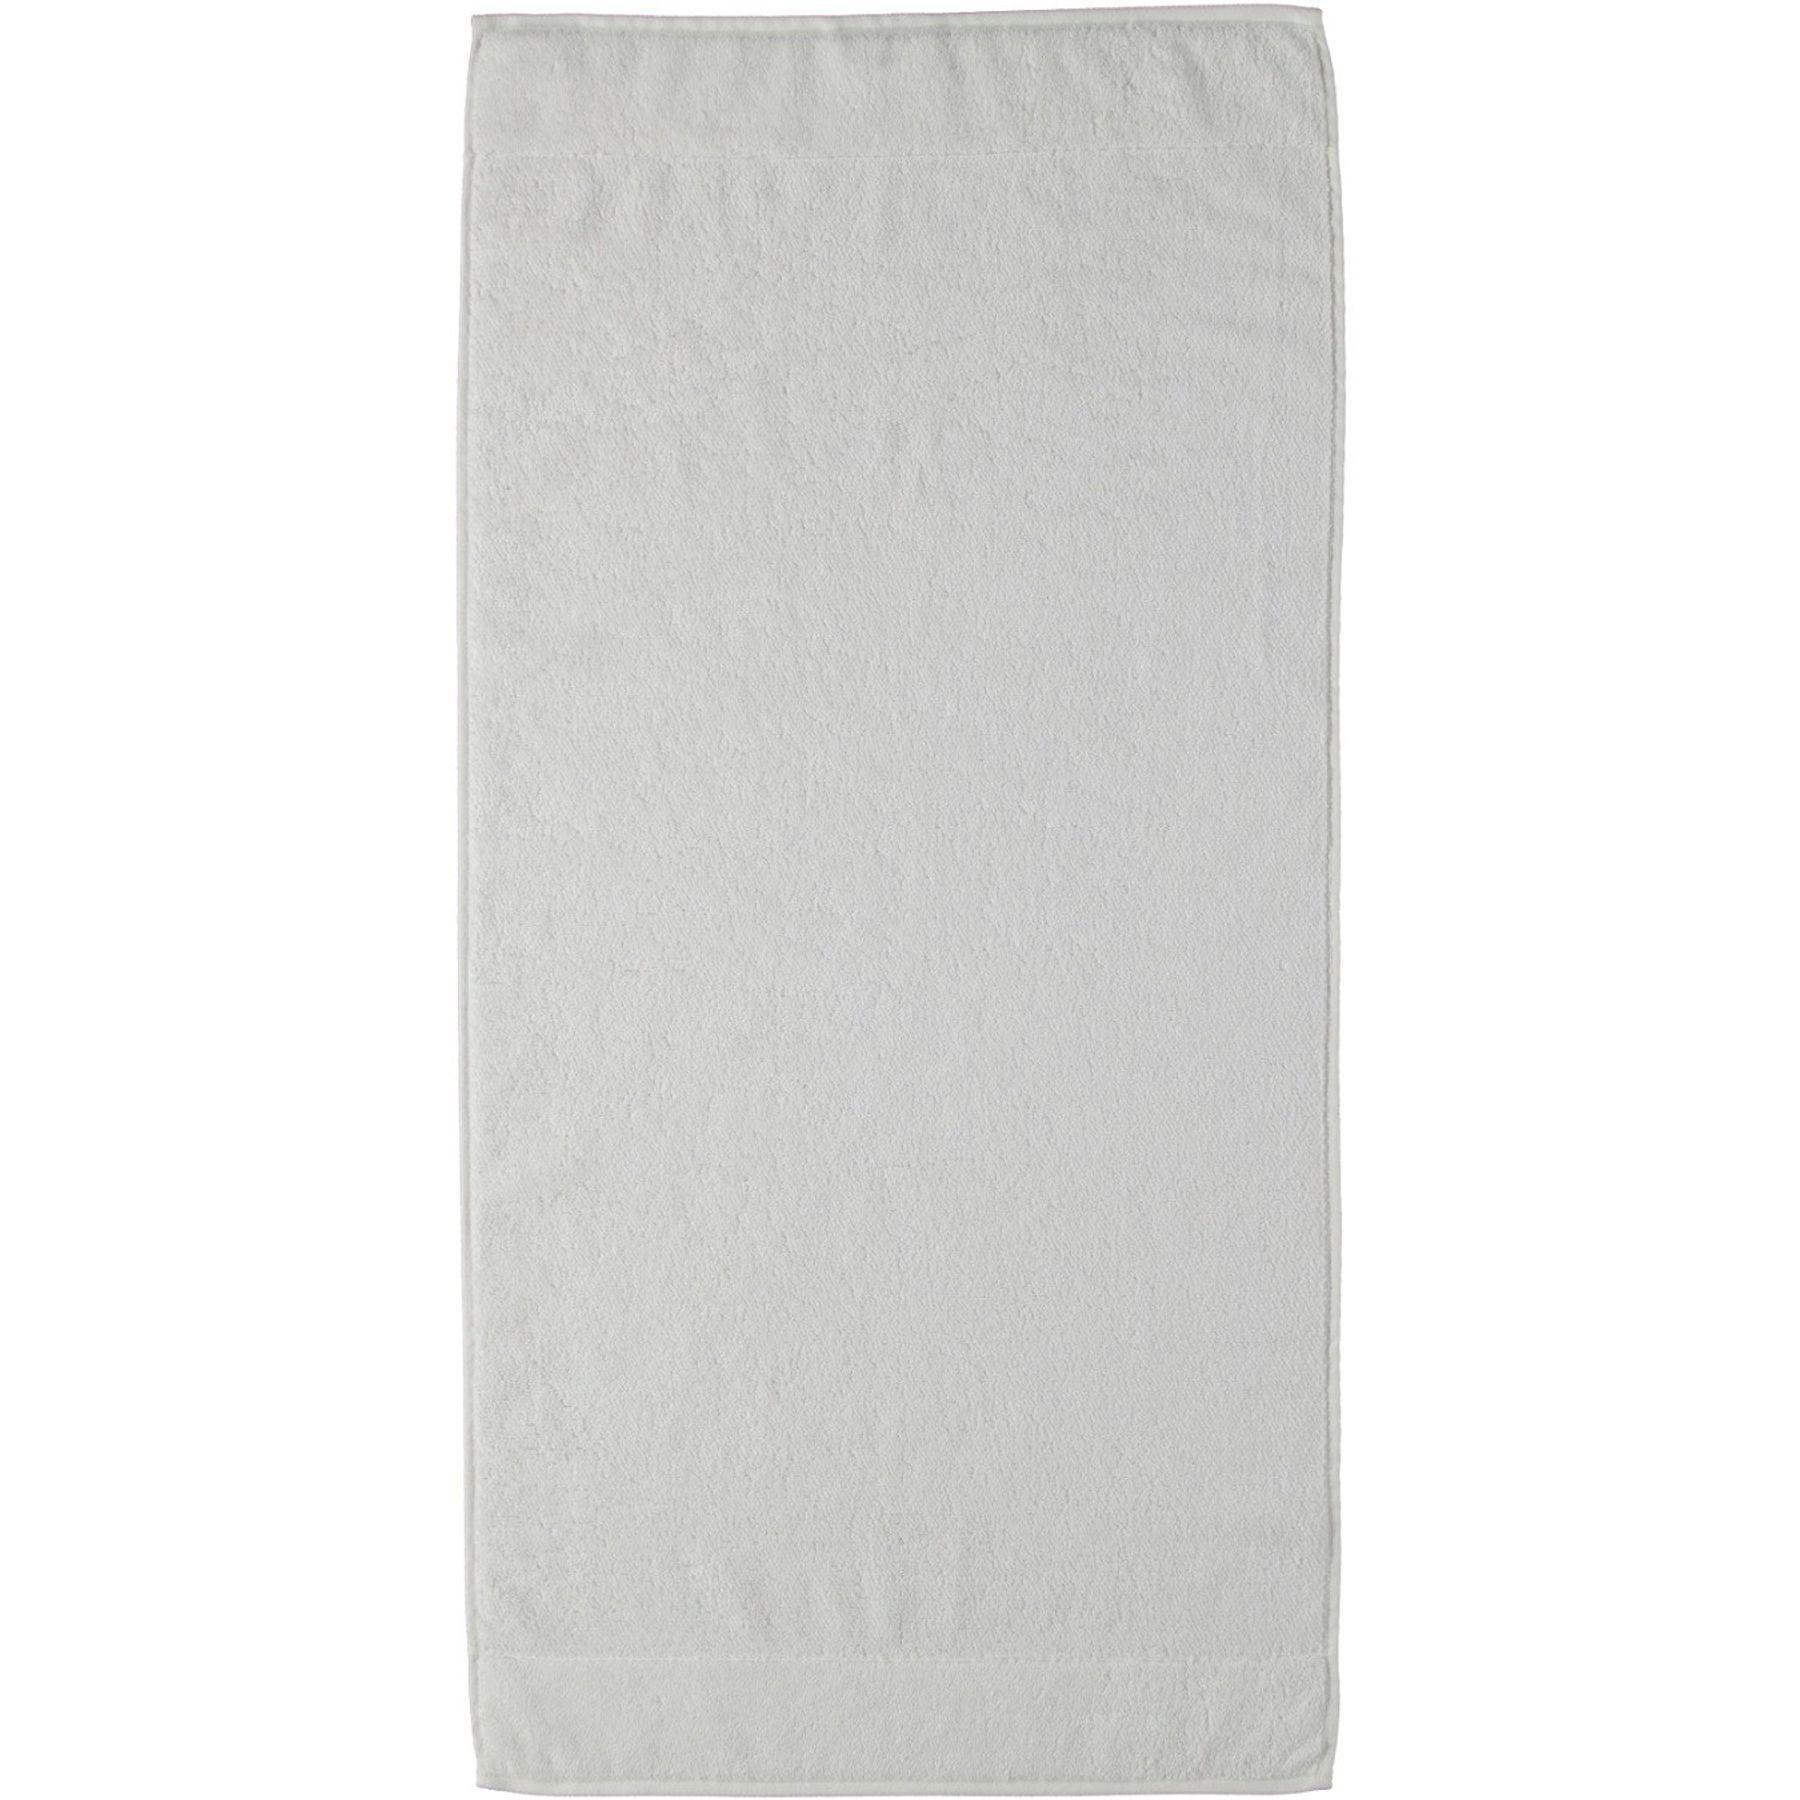 Cawö - Frottier Tuch mit Uni Muster in verschiedenen Größen (5010) – Bild 3